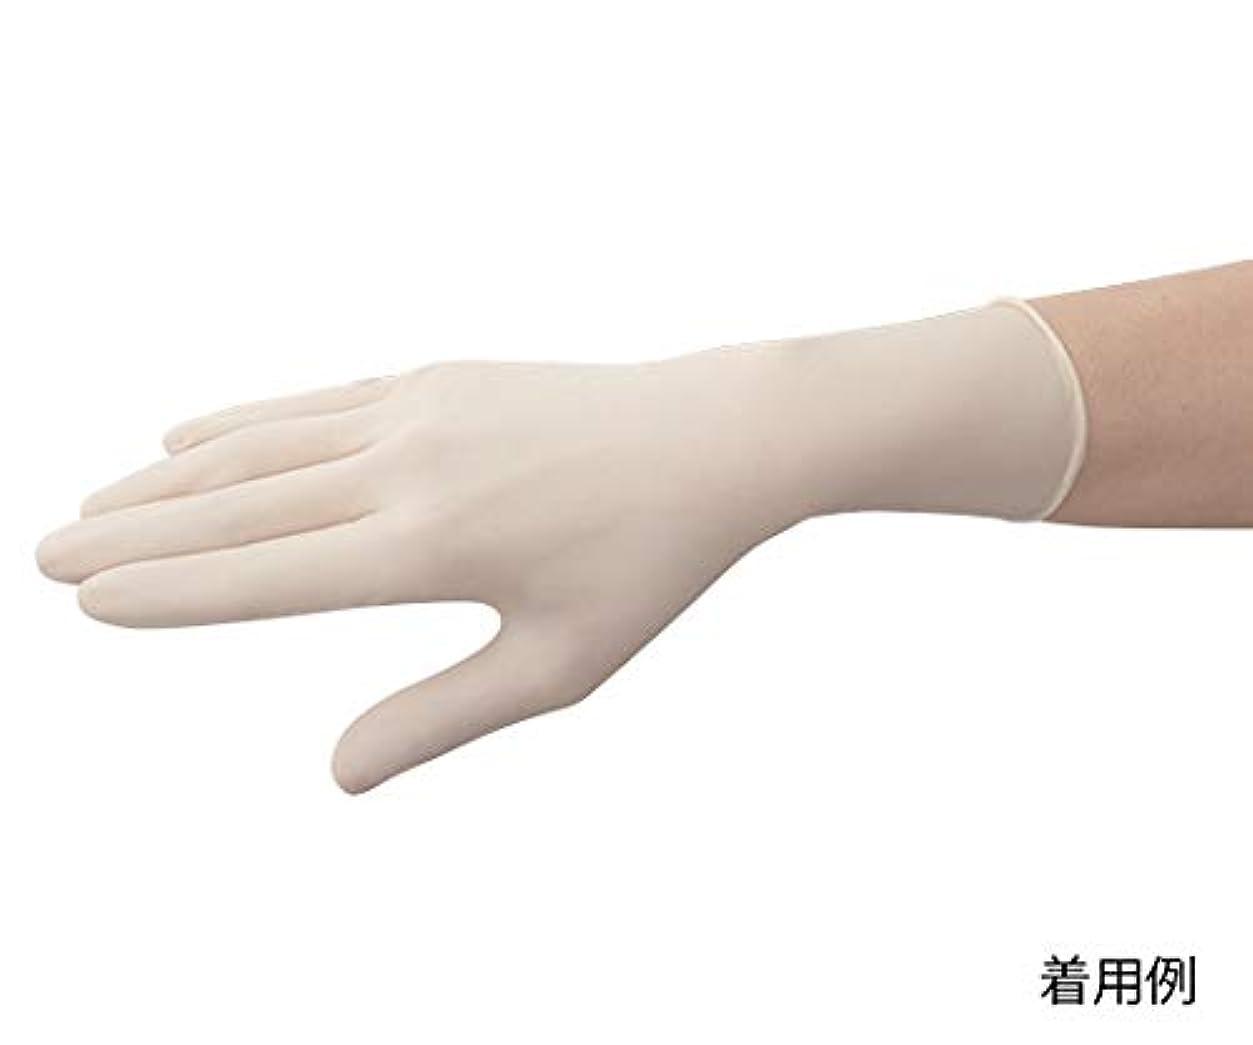 不毛のライバル考古学東レ?メディカル 手術用手袋メディグリップ パウダーフリー50双 8165MG